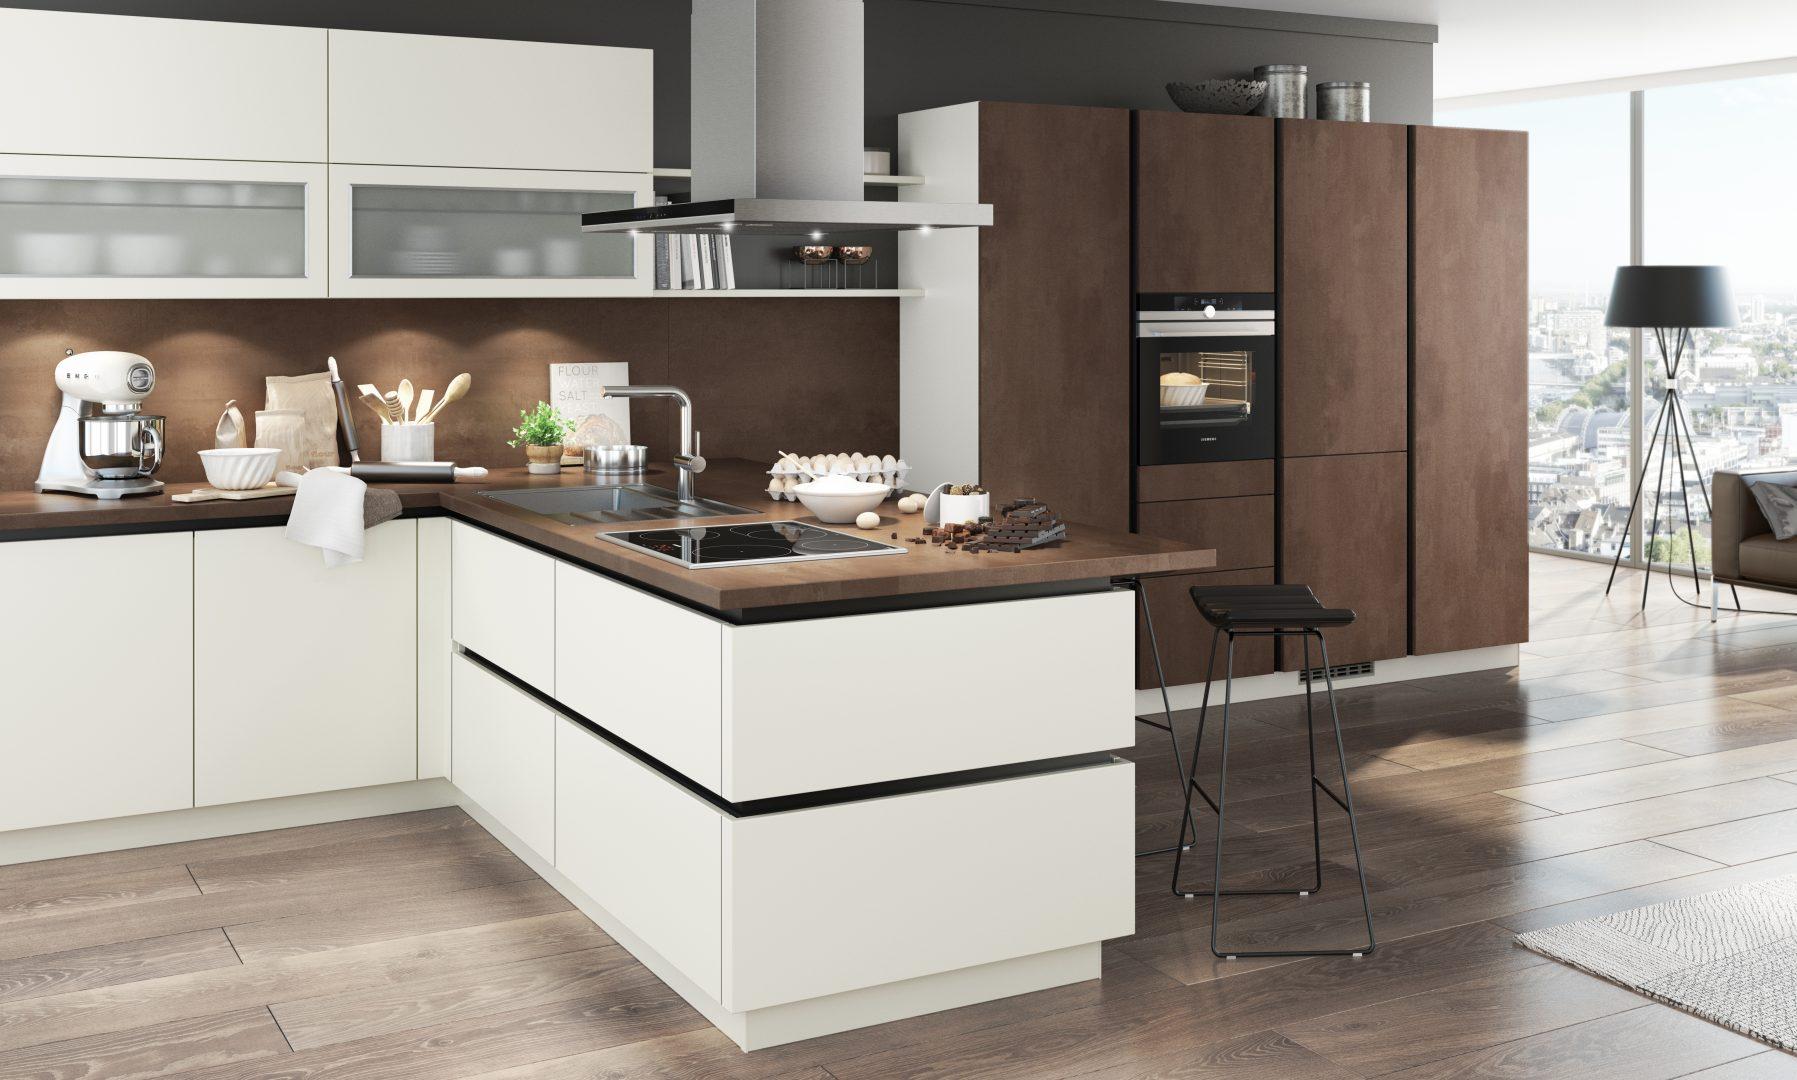 Full Size of Büroküche Landküche Gebrauchte Küche Hängeschränke Billig Kaufen Ausstellungsstück Einbauküche Günstig Was Kostet Eine Neue Singleküche Mit Wohnzimmer Outdoor Küche Ikea